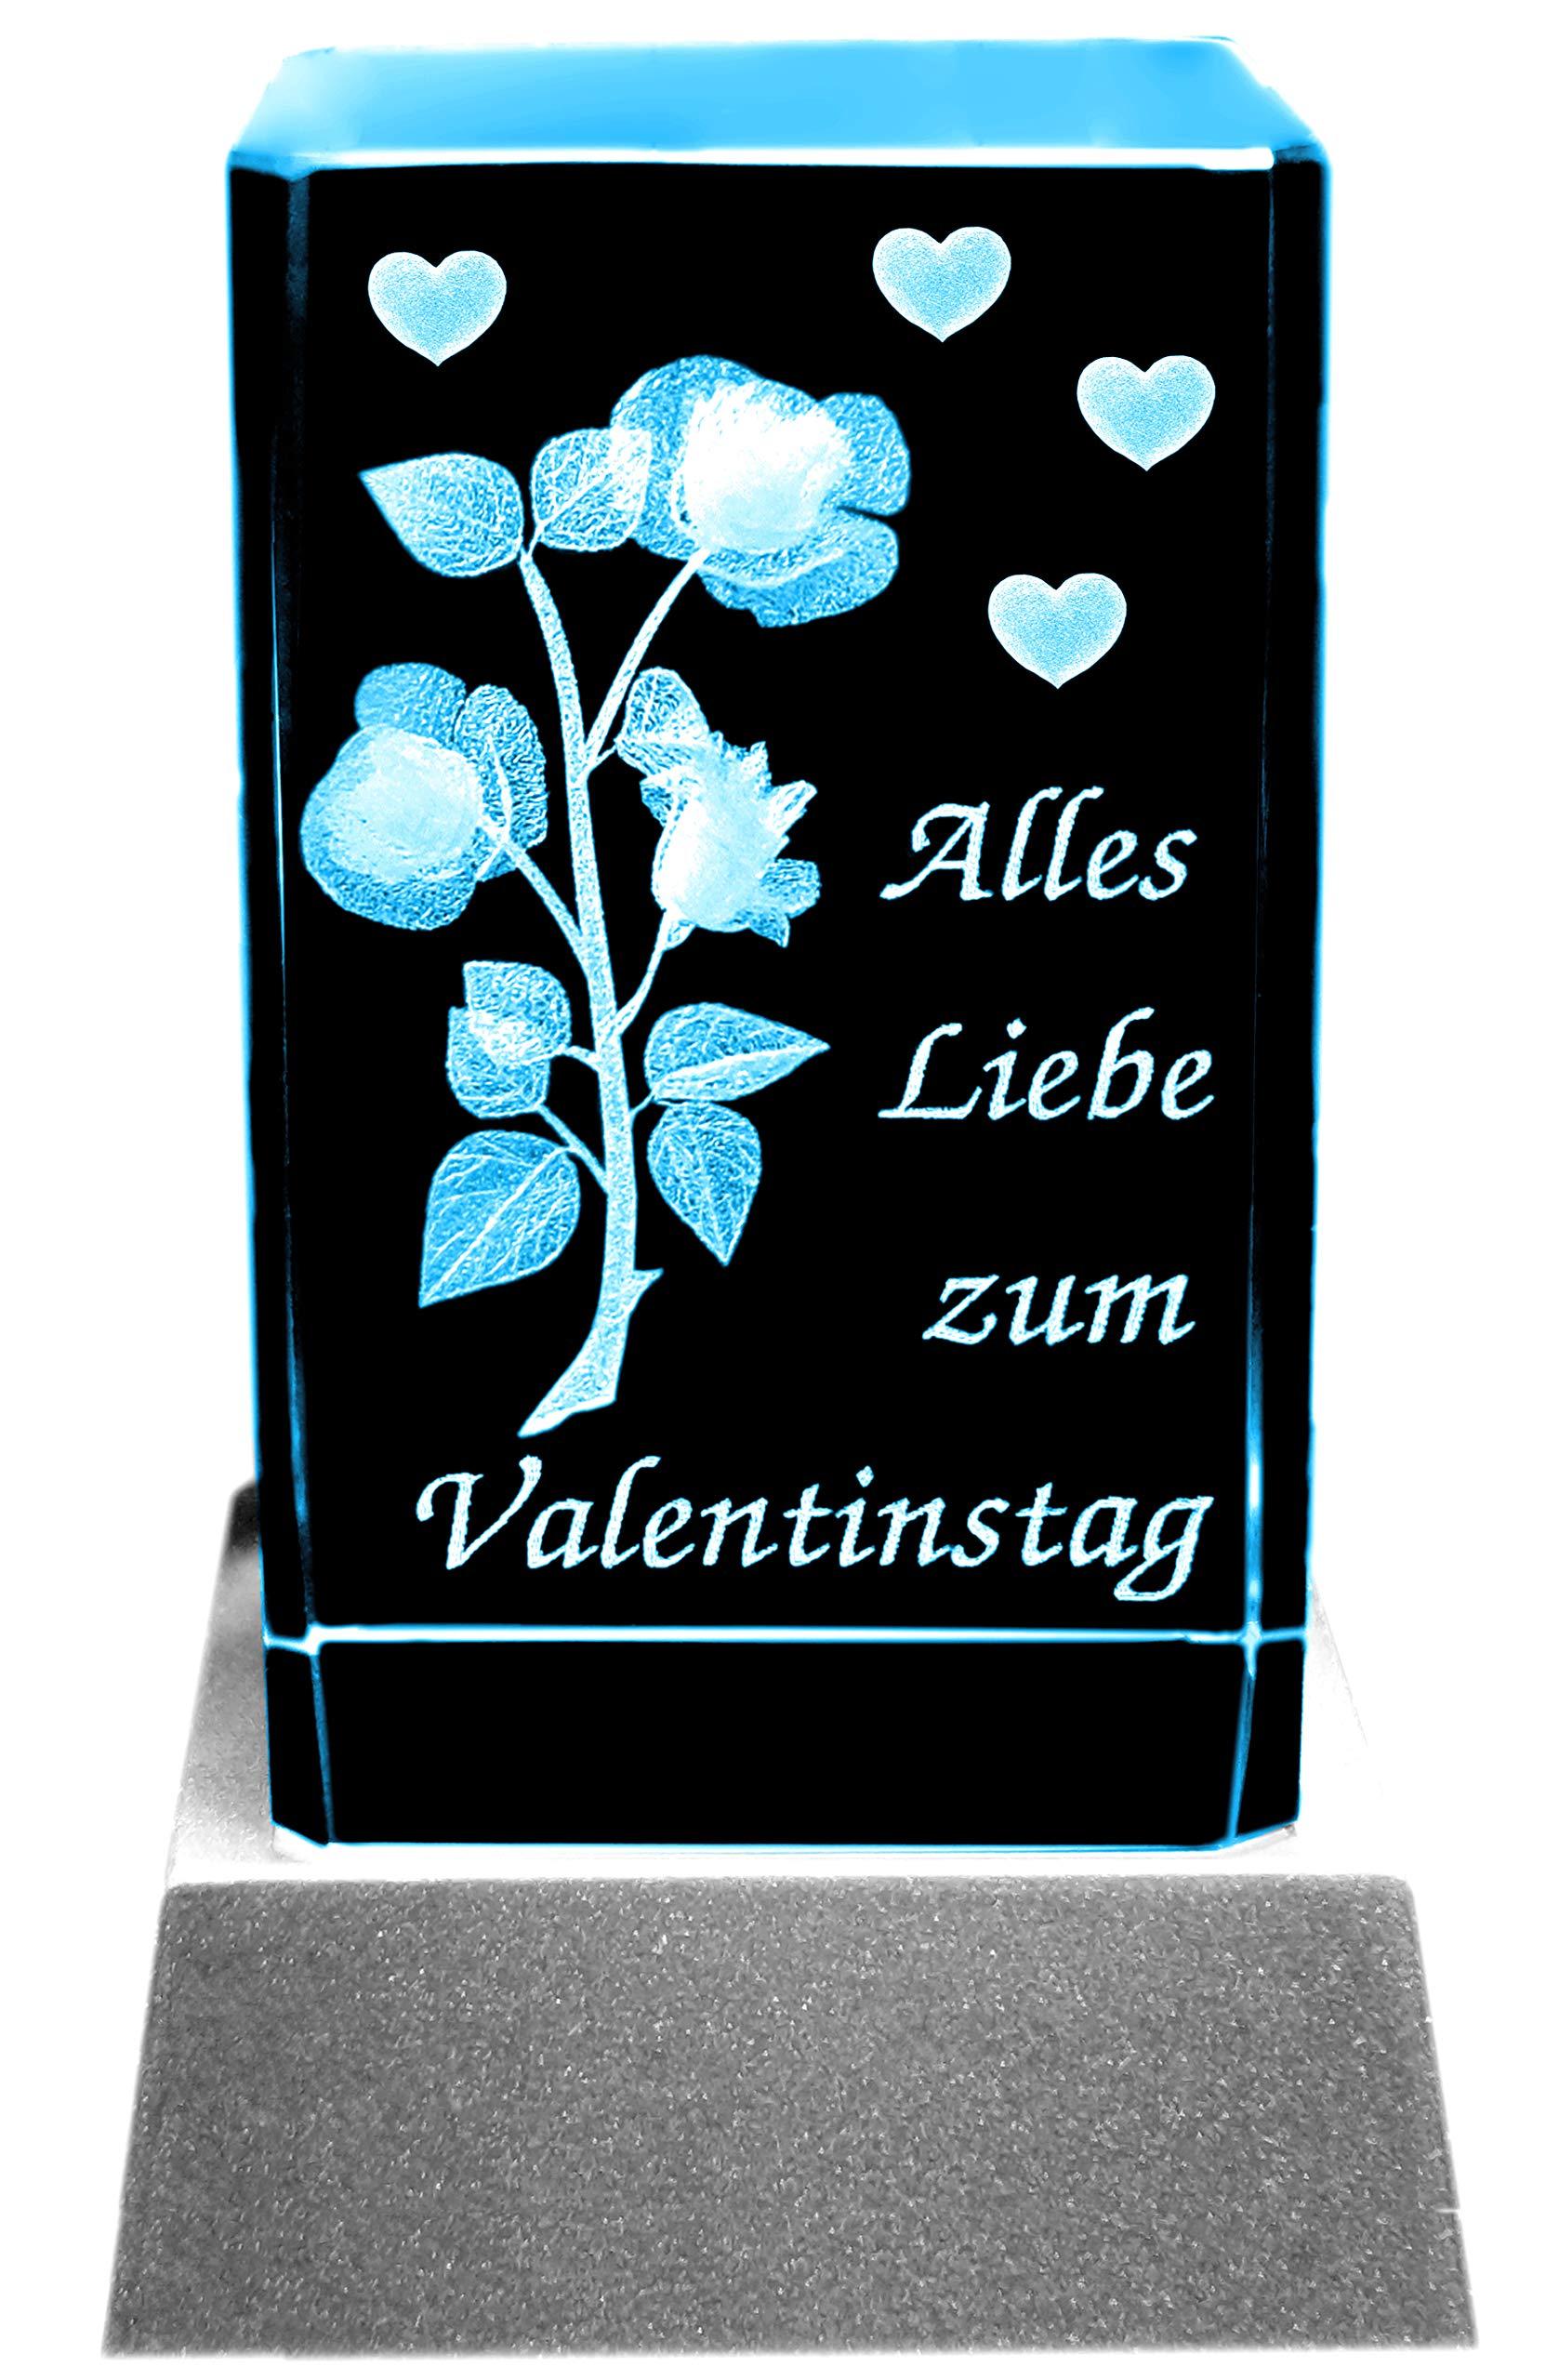 Kaltner-Prsente-Stimmungslicht-Ein-ganz-besonderes-Geschenk-LED-KerzeKristall-Glasblock-3D-Laser-Gravur-Valentin-Motiv-Rose-ALLES-LIEBE-ZUM-VALENTINSTAG